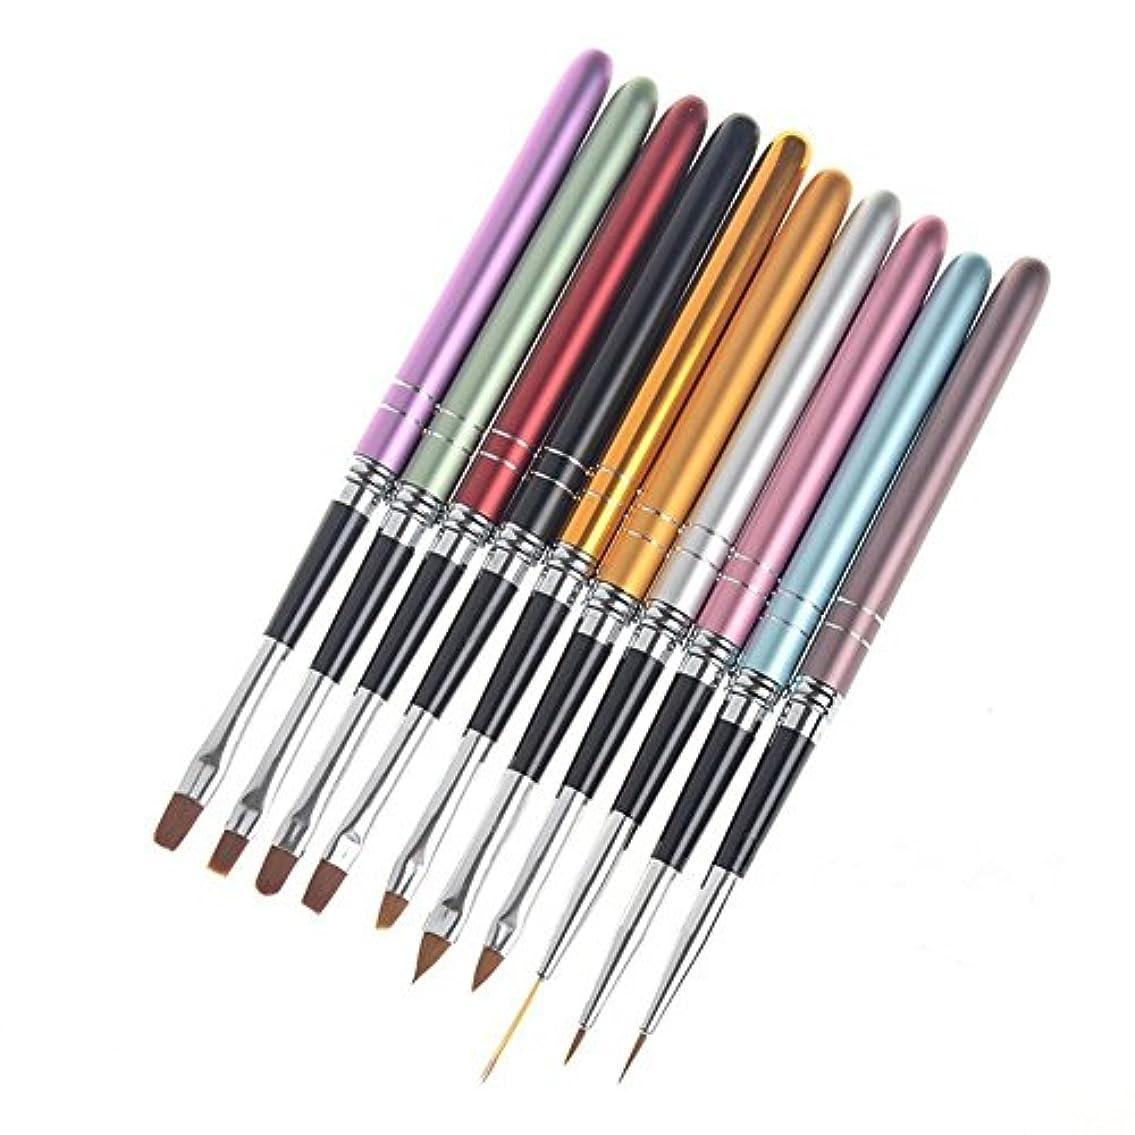 ご意見応援する害10本/セット ネイルブラシセット ジェルネイル絵描きブラシなどの UVジュエルネイルツール アクリルネイルアートブラシネイル用品